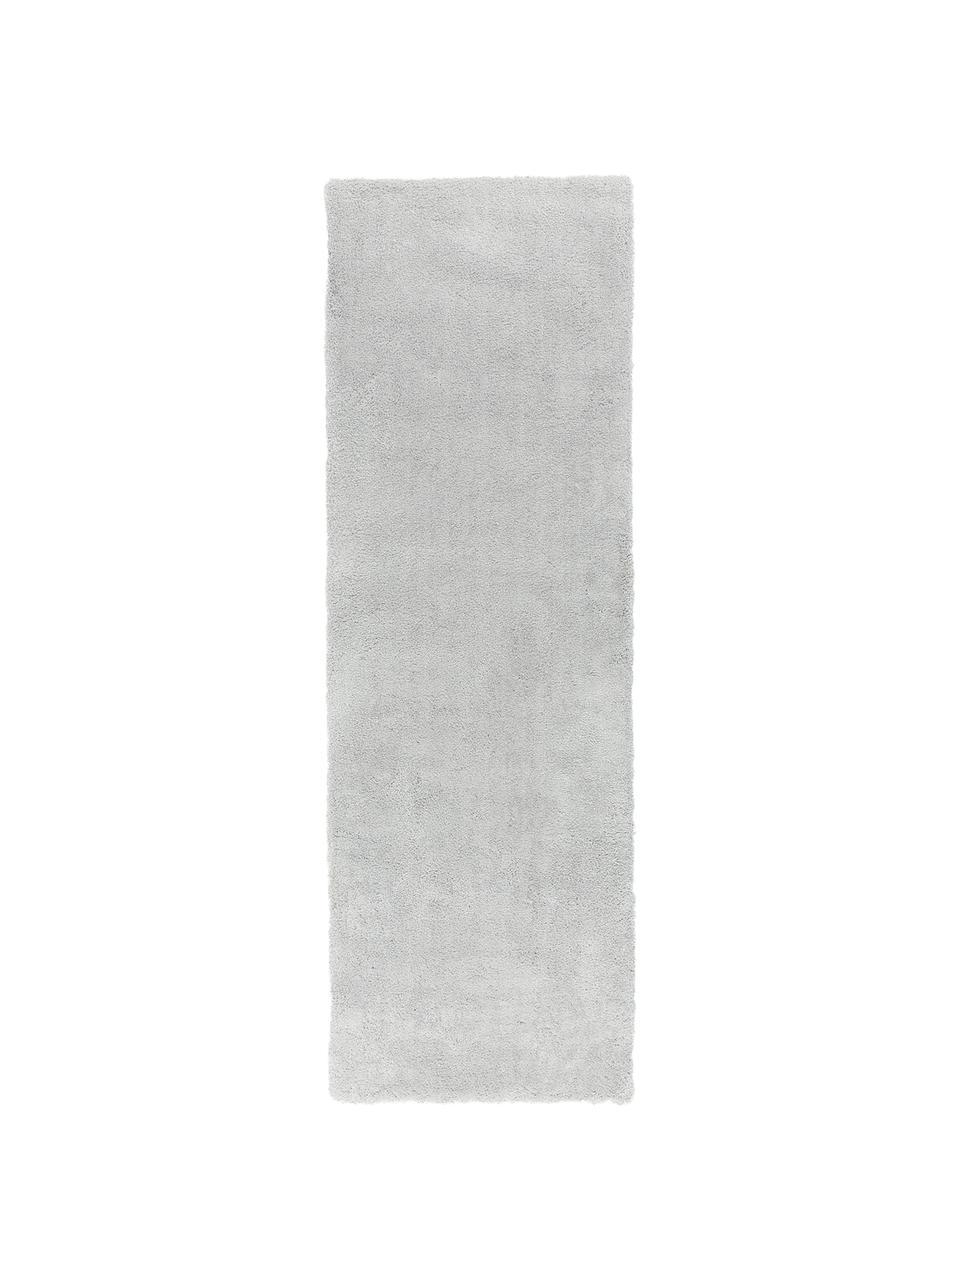 Flauschiger Hochflor-Läufer Leighton in Hellgrau, Flor: 100% Polyester (Mikrofase, Hellgrau, 80 x 250 cm